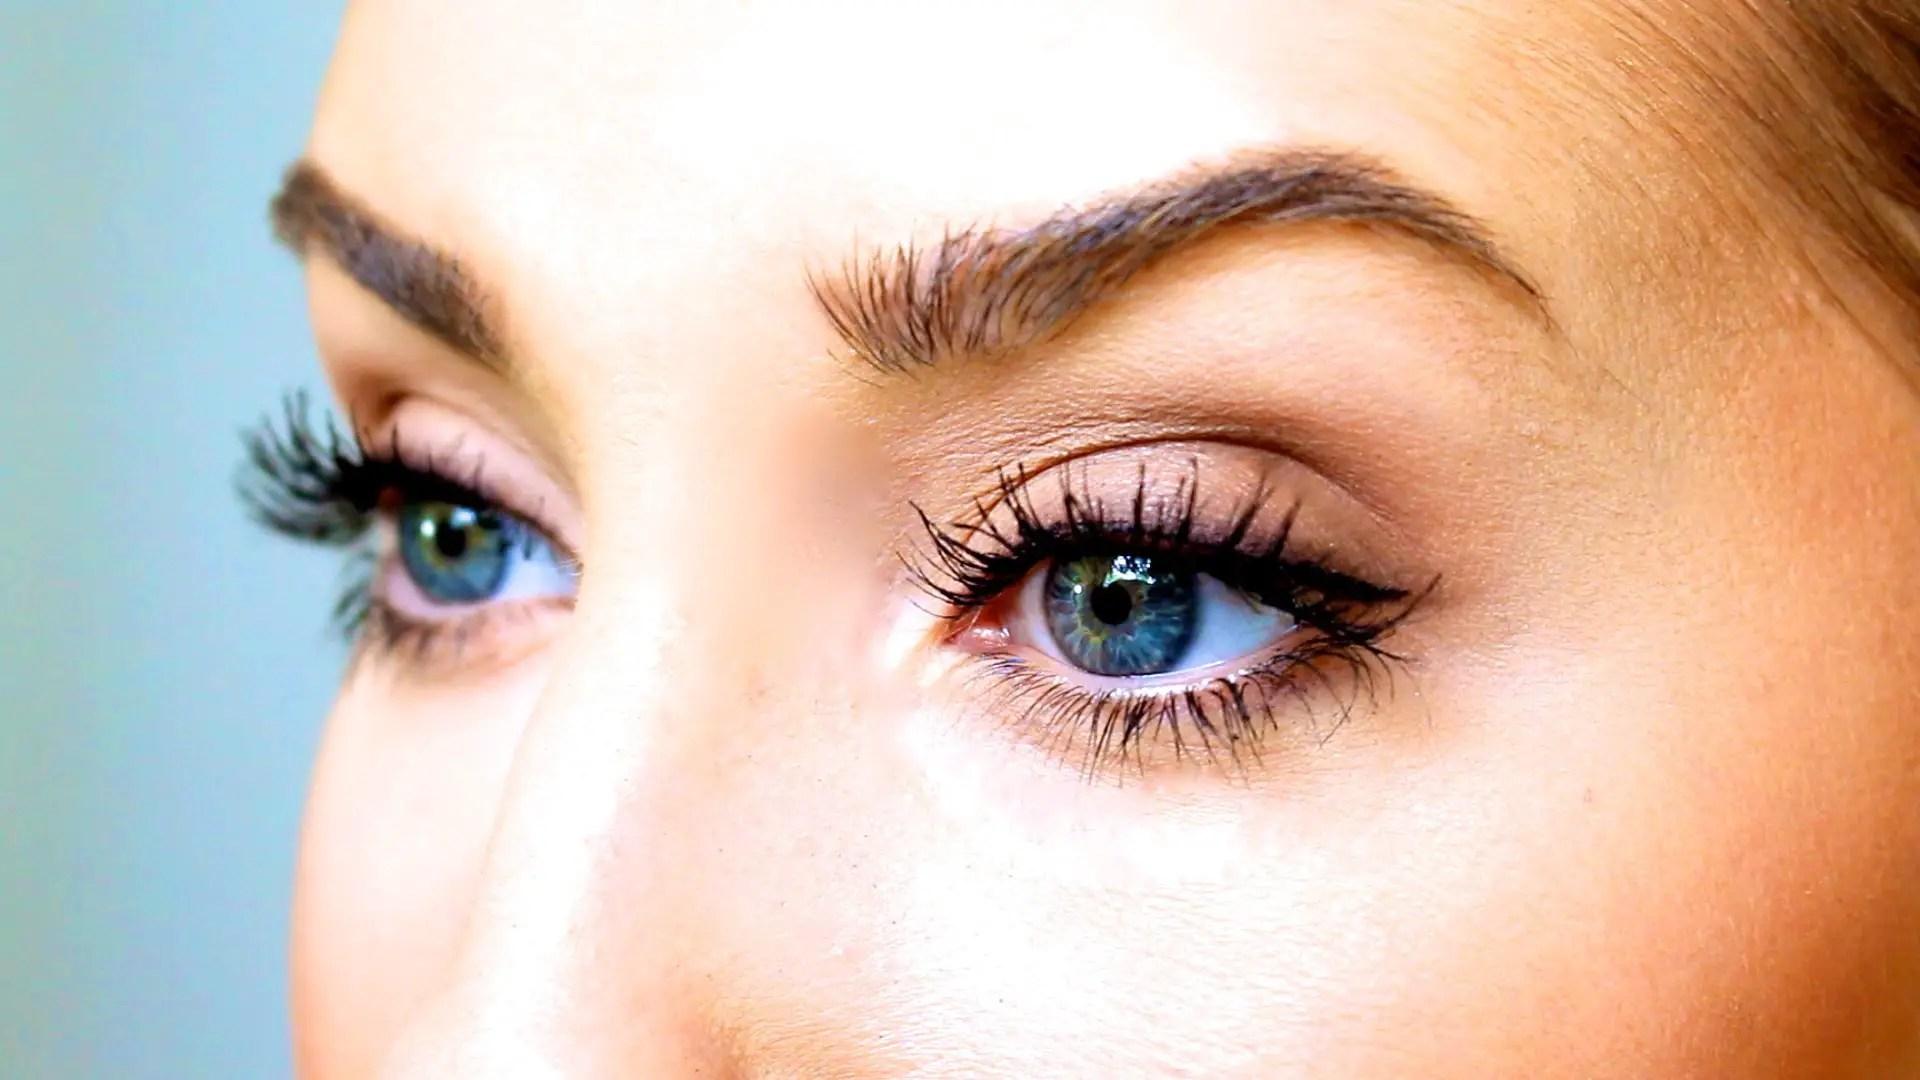 Vaseline on Eyelashes